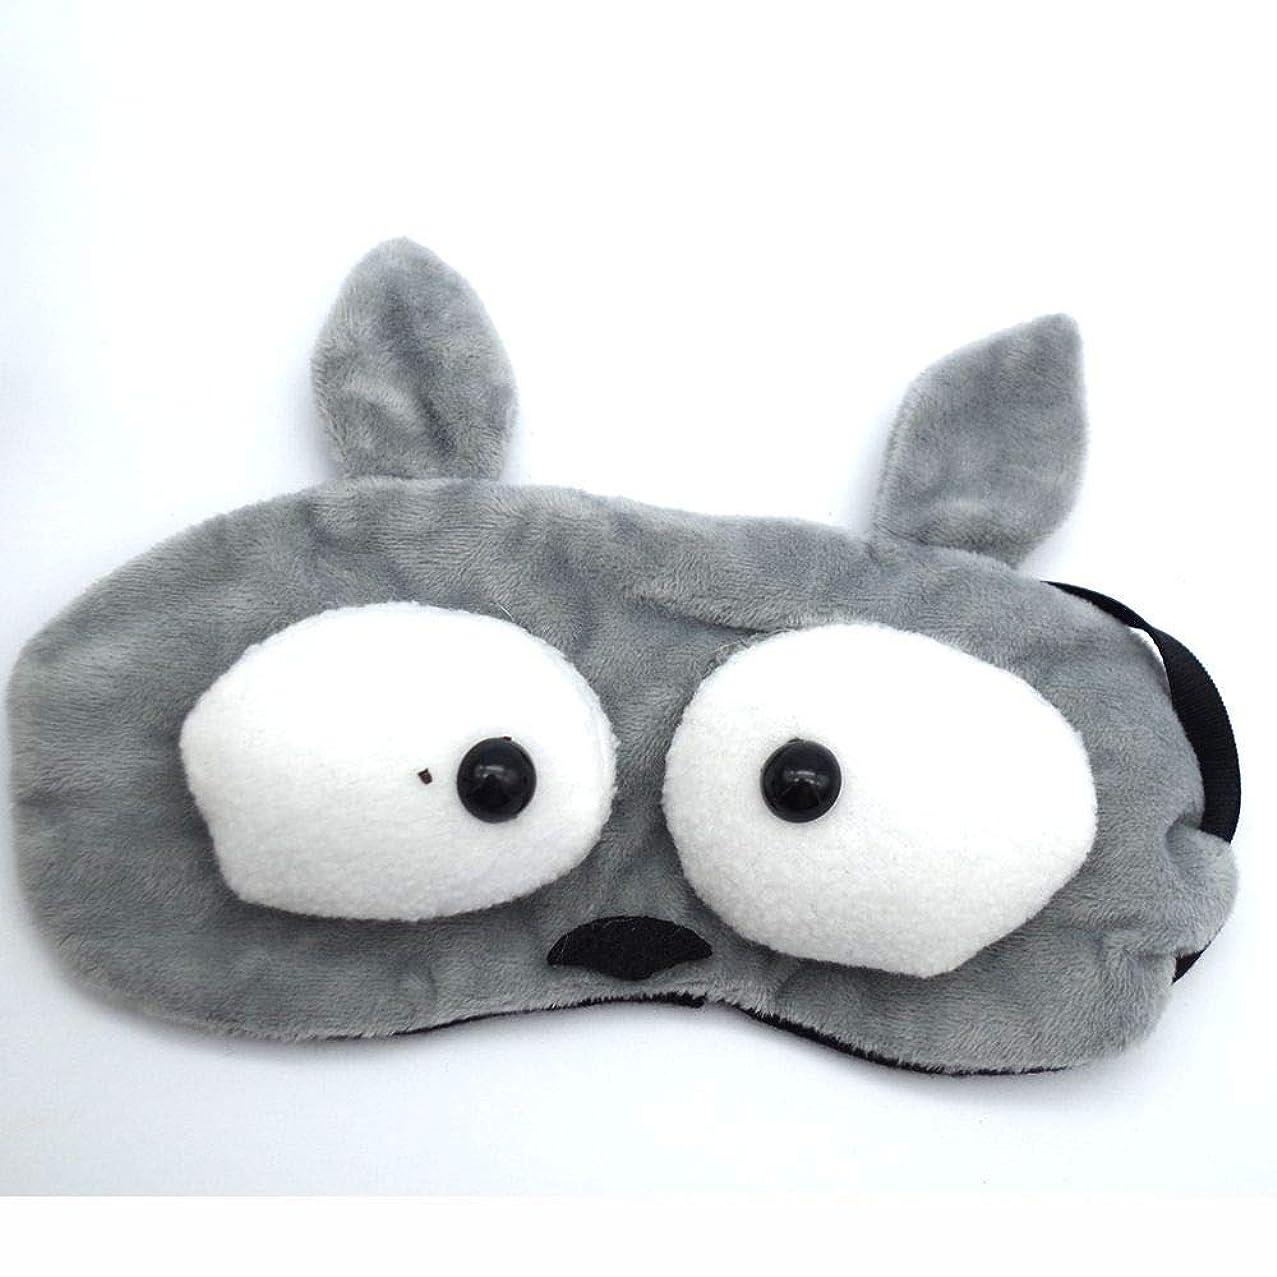 ピューリングバック医薬NOTE 1ピース動物睡眠アイマスクパッド入りシェードカバー目隠し睡眠旅行リラックスマスクアイカバー睡眠メイクアイケアツール